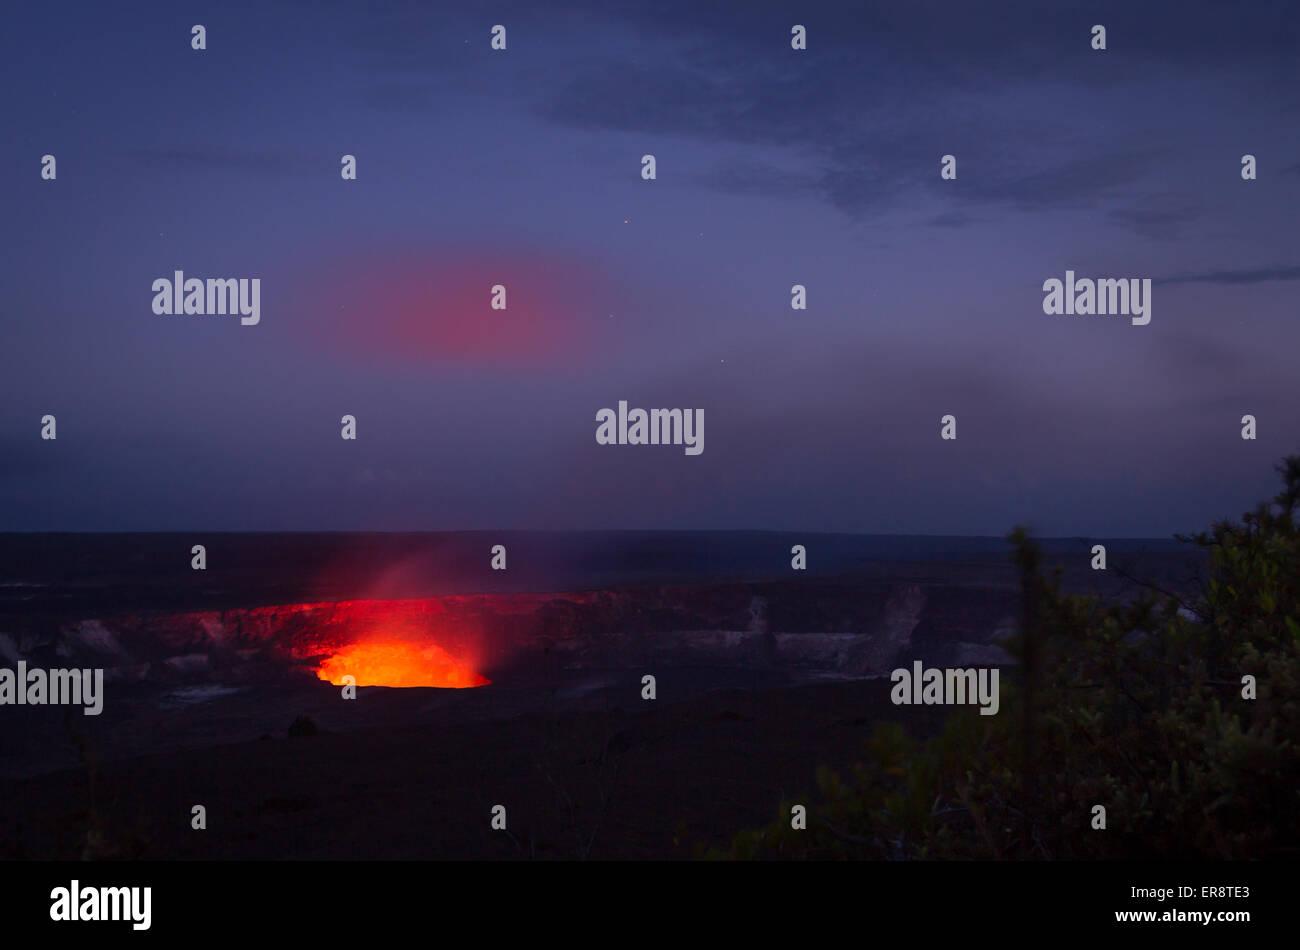 Impresionante paisaje del volcán Kilauea, la isla de Hawaii por noche - fumar con una nube a la deriva y atrapar Imagen De Stock